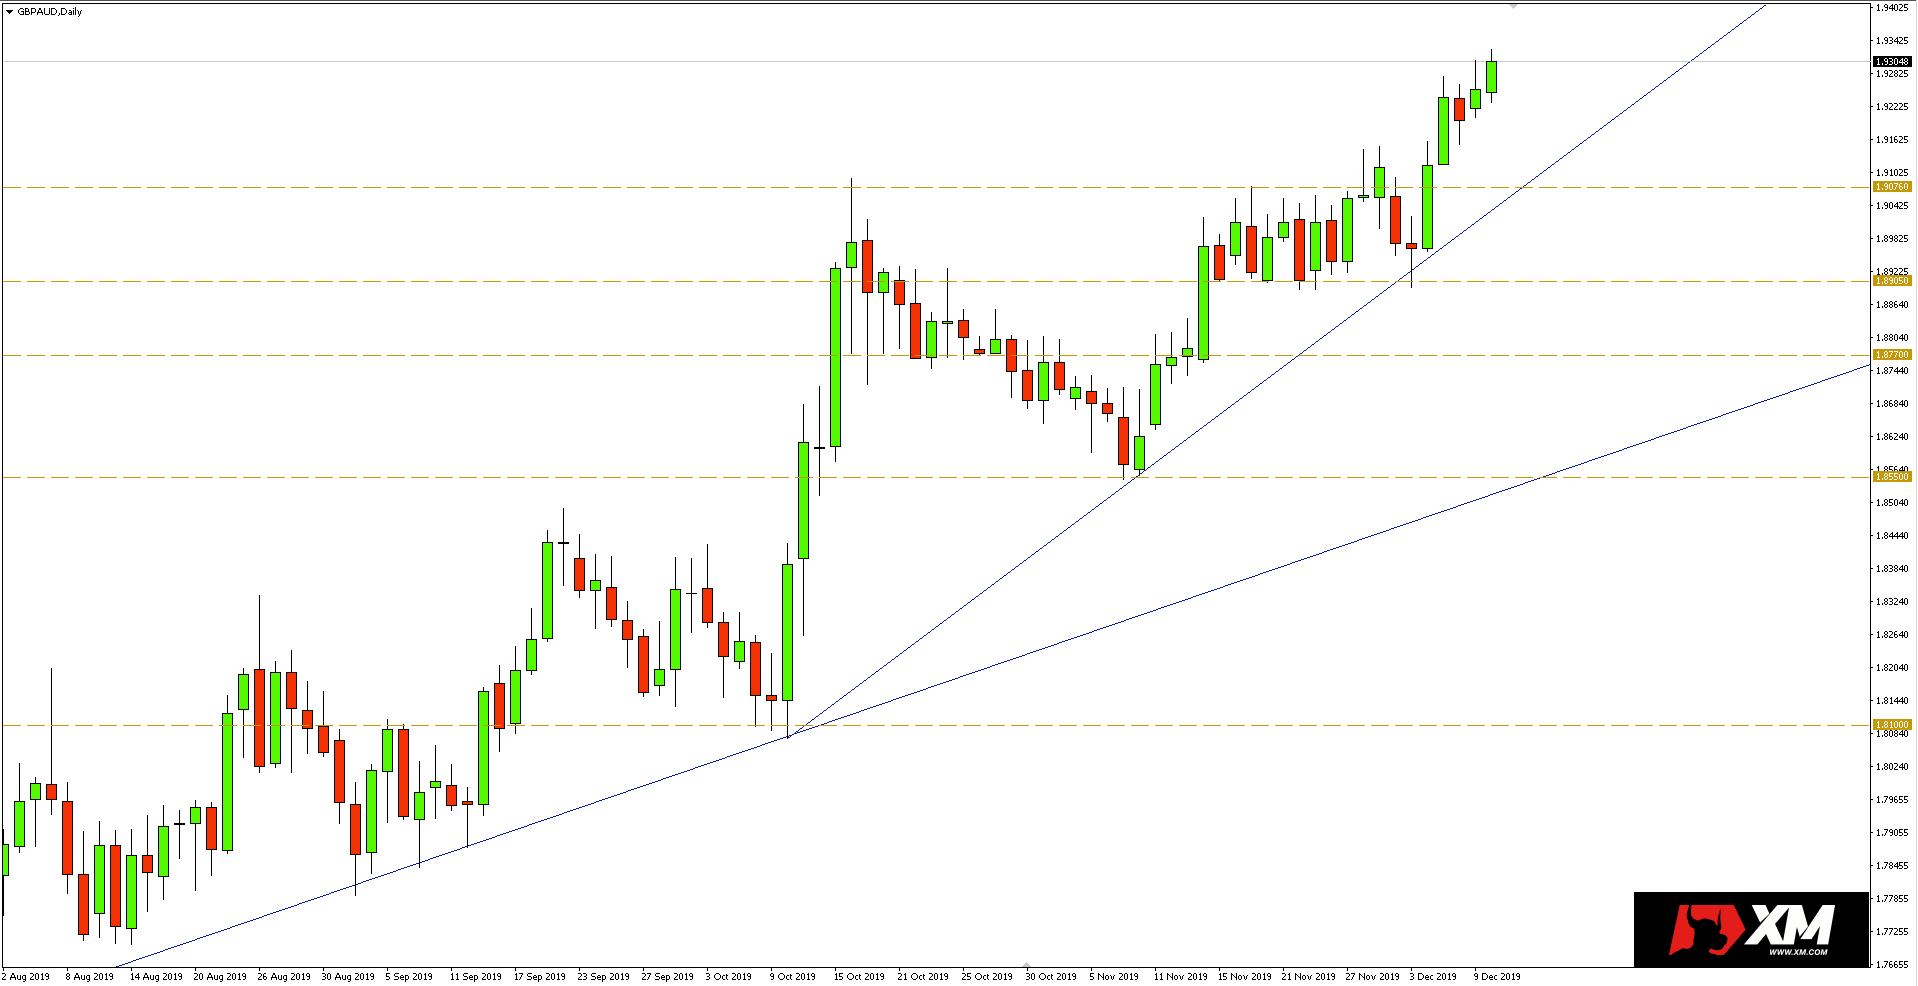 Wykres dzienny pary walutowej GBPAUD - 10.12.2019 r.